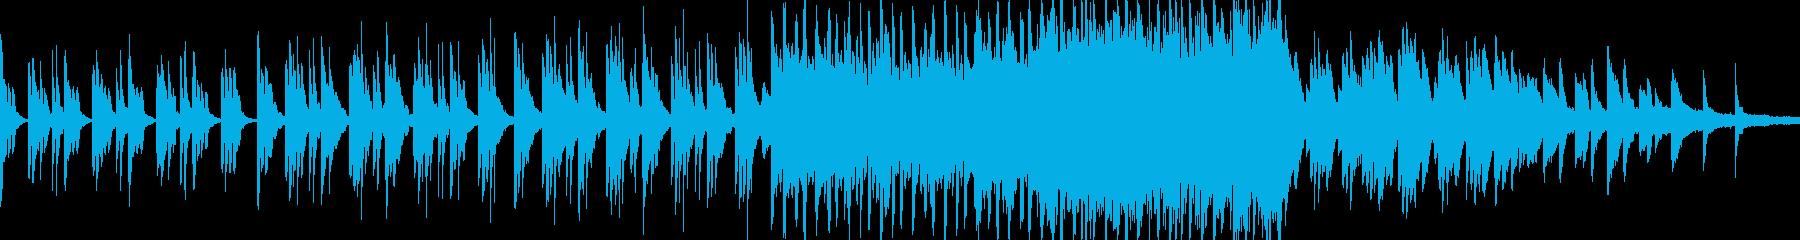 穏やかで神秘的・幻想的なピアノ曲 ループの再生済みの波形